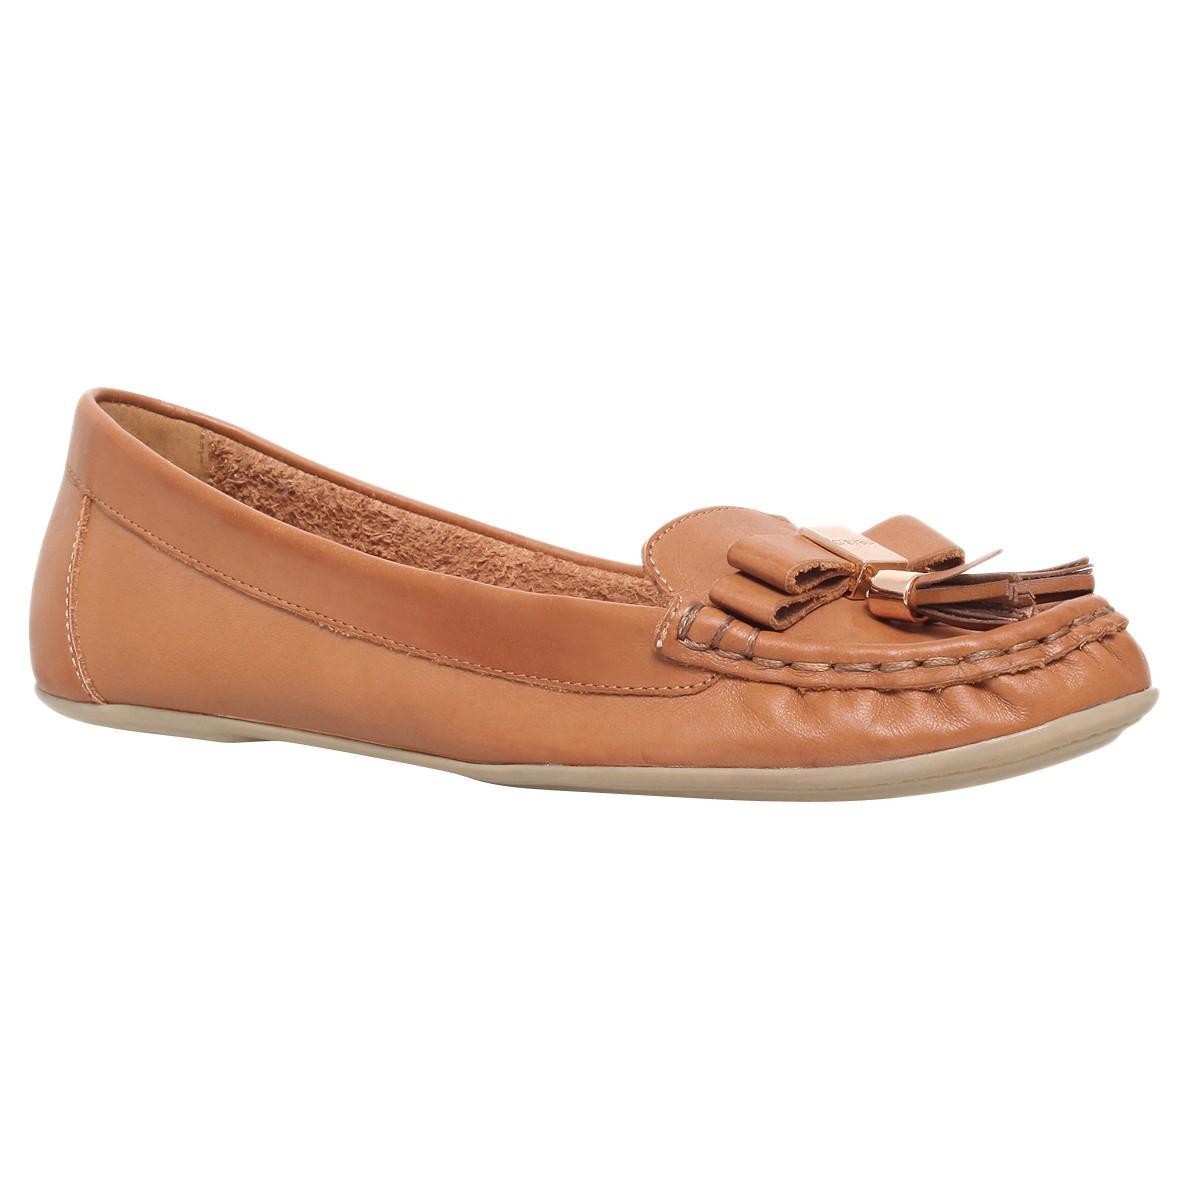 Kurt Geiger Mens Shoes Uk Images Show Me A